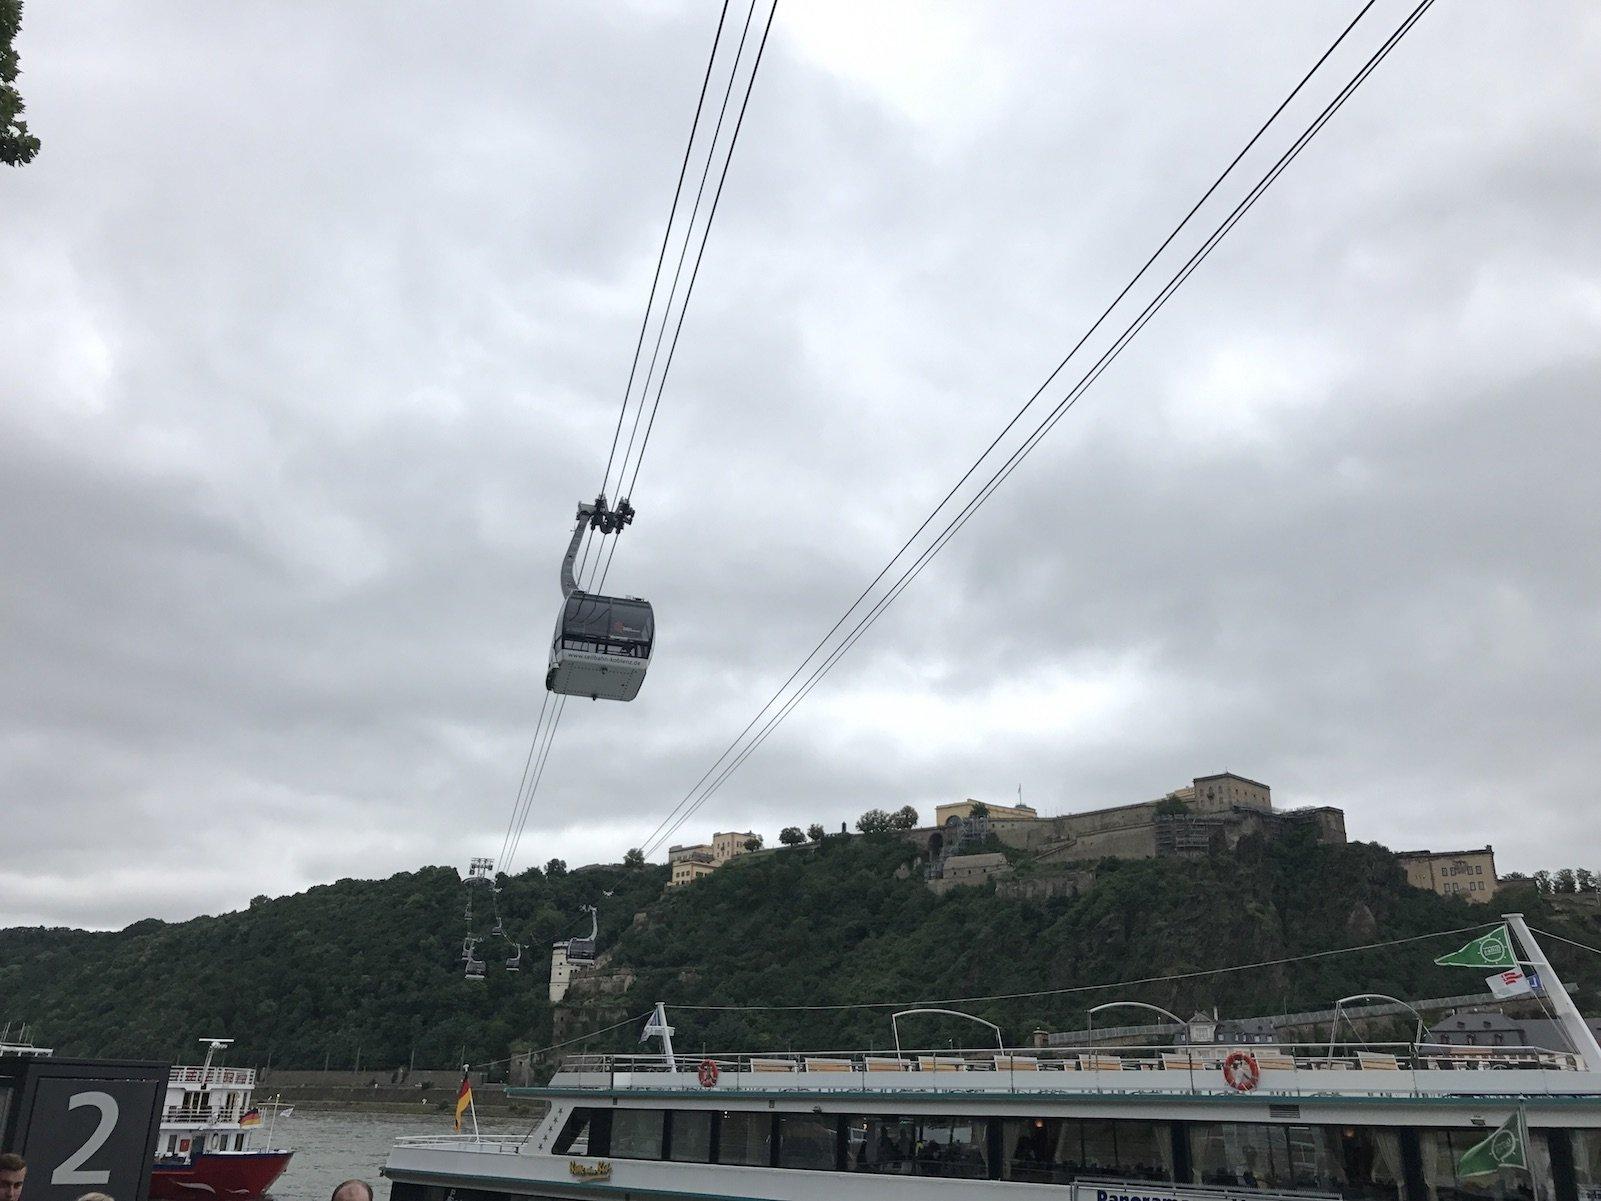 Die Seilbahn in Koblenz zur Festung Ehrenbreitstein von der Promenade aus